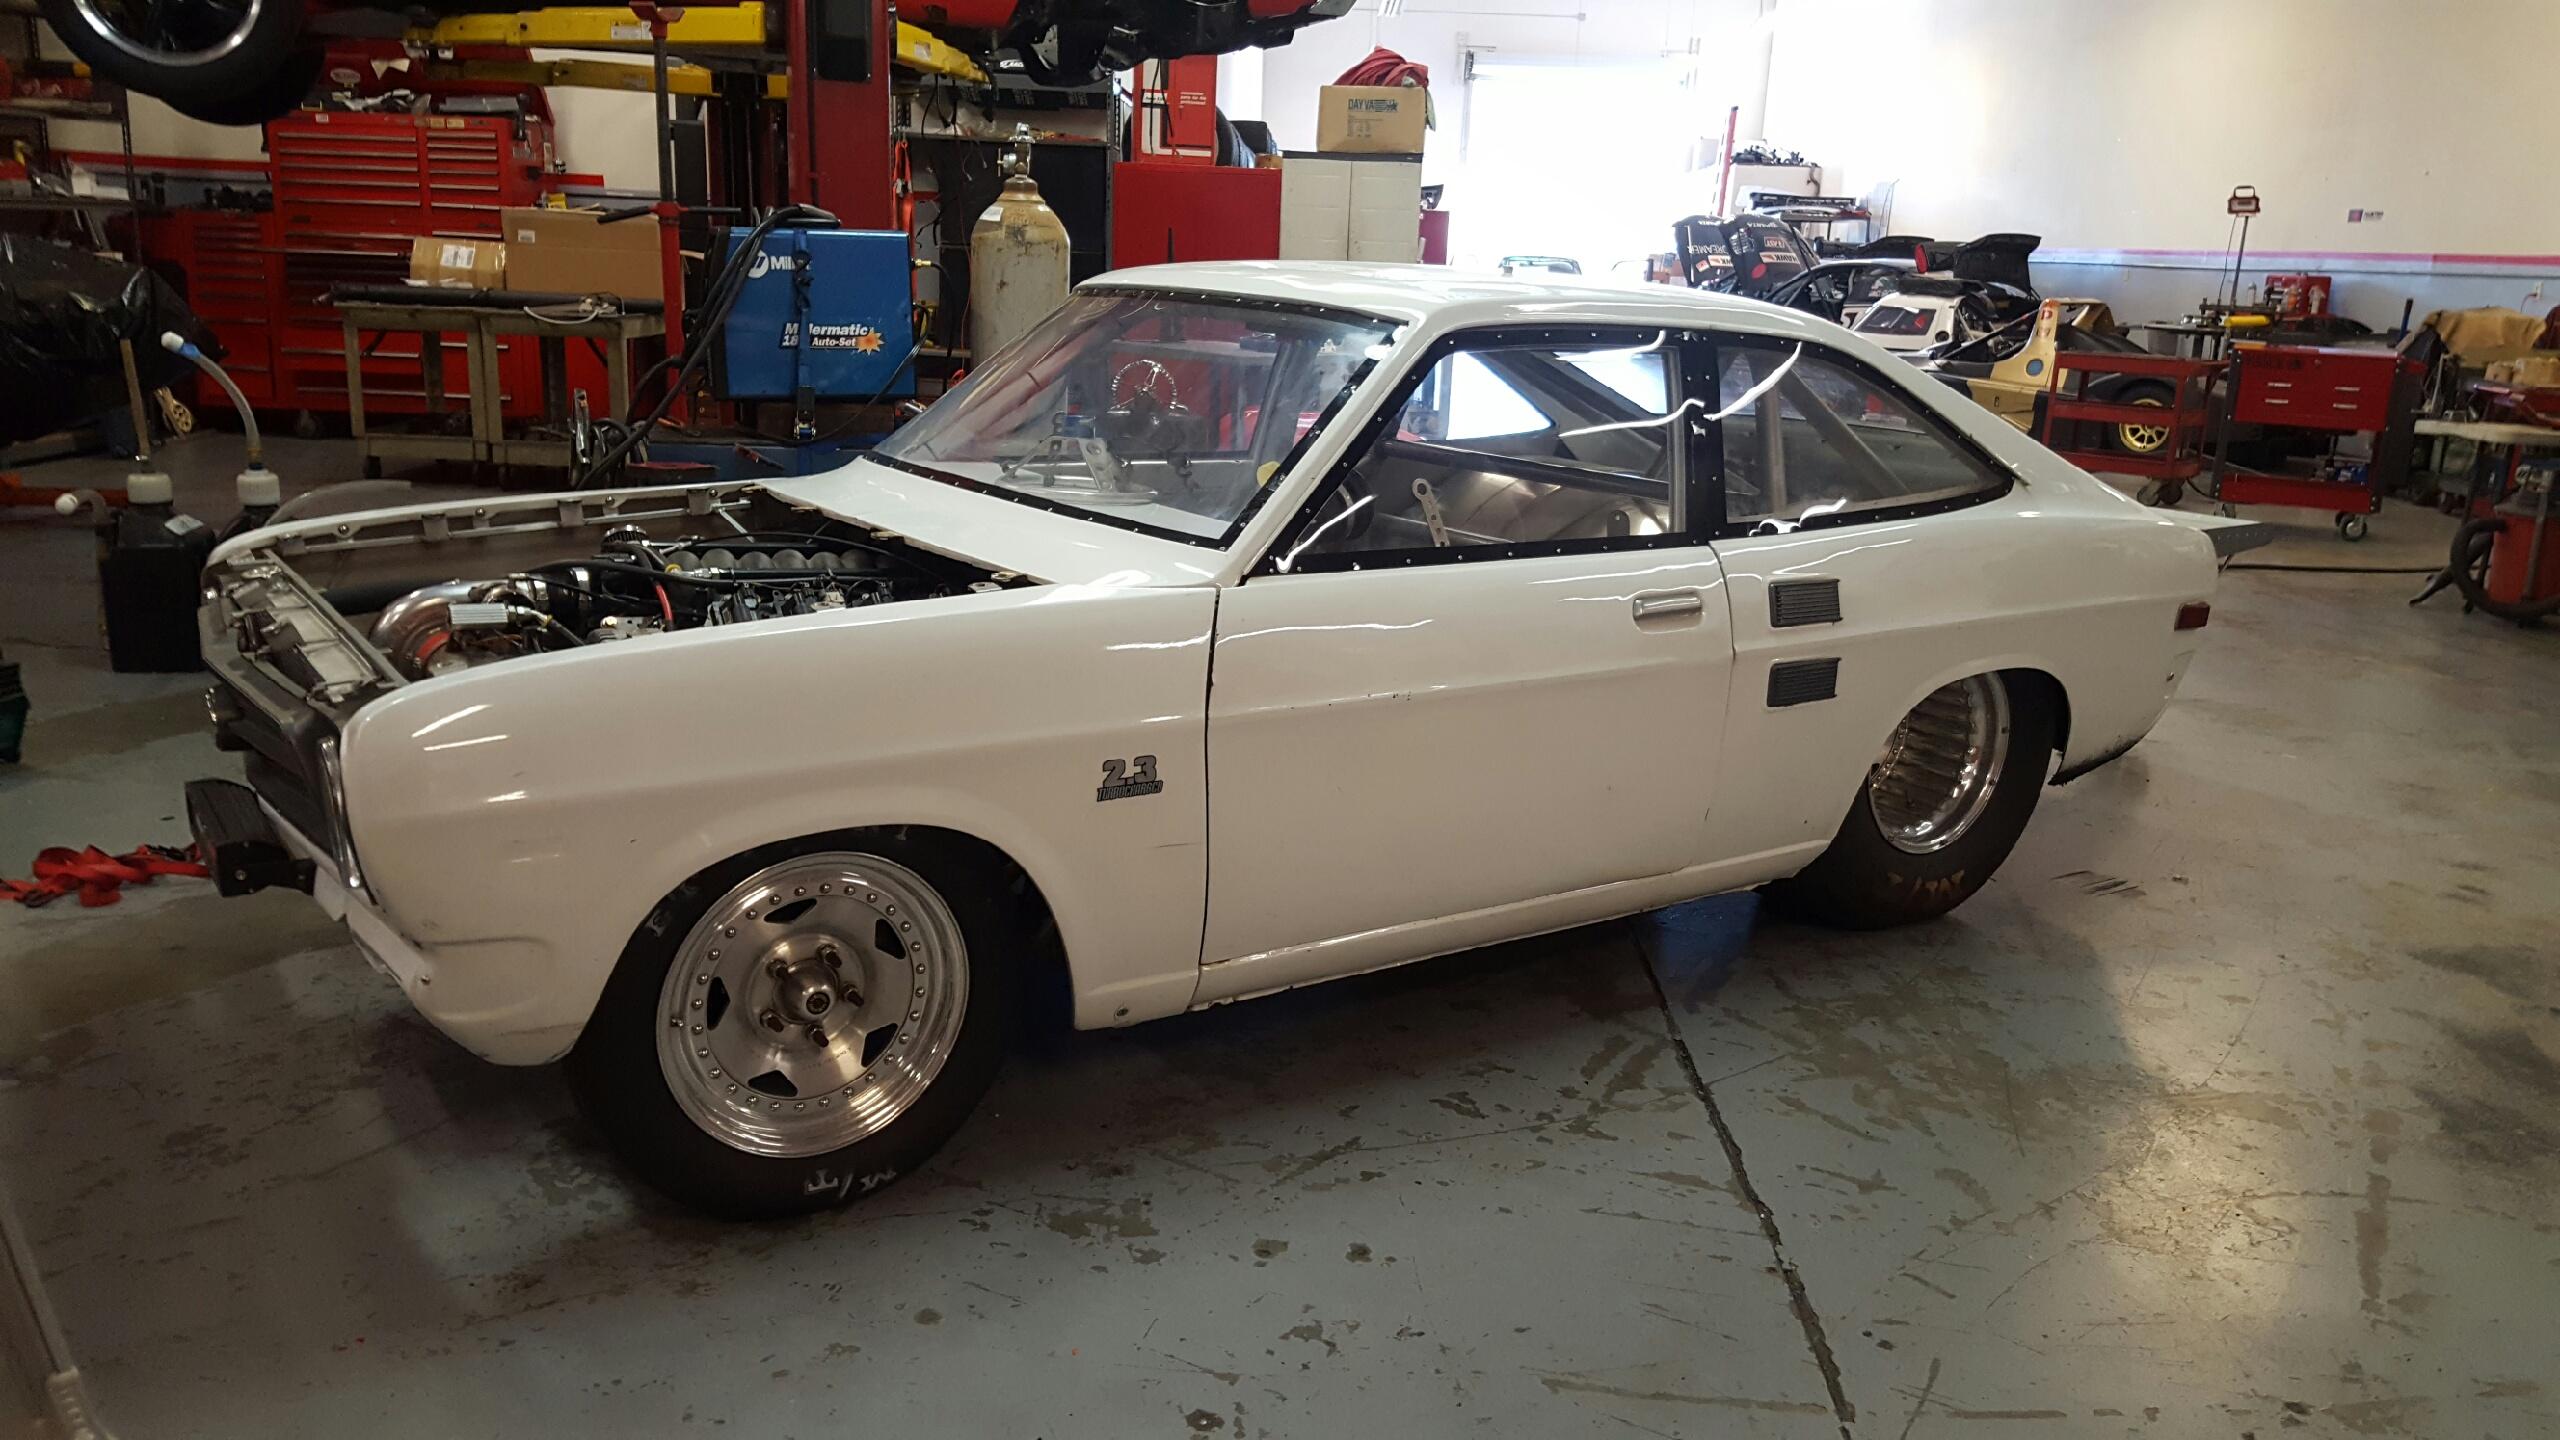 1972 Datsun 1200 Drag - Felipe Cardinez - Life's Good ...